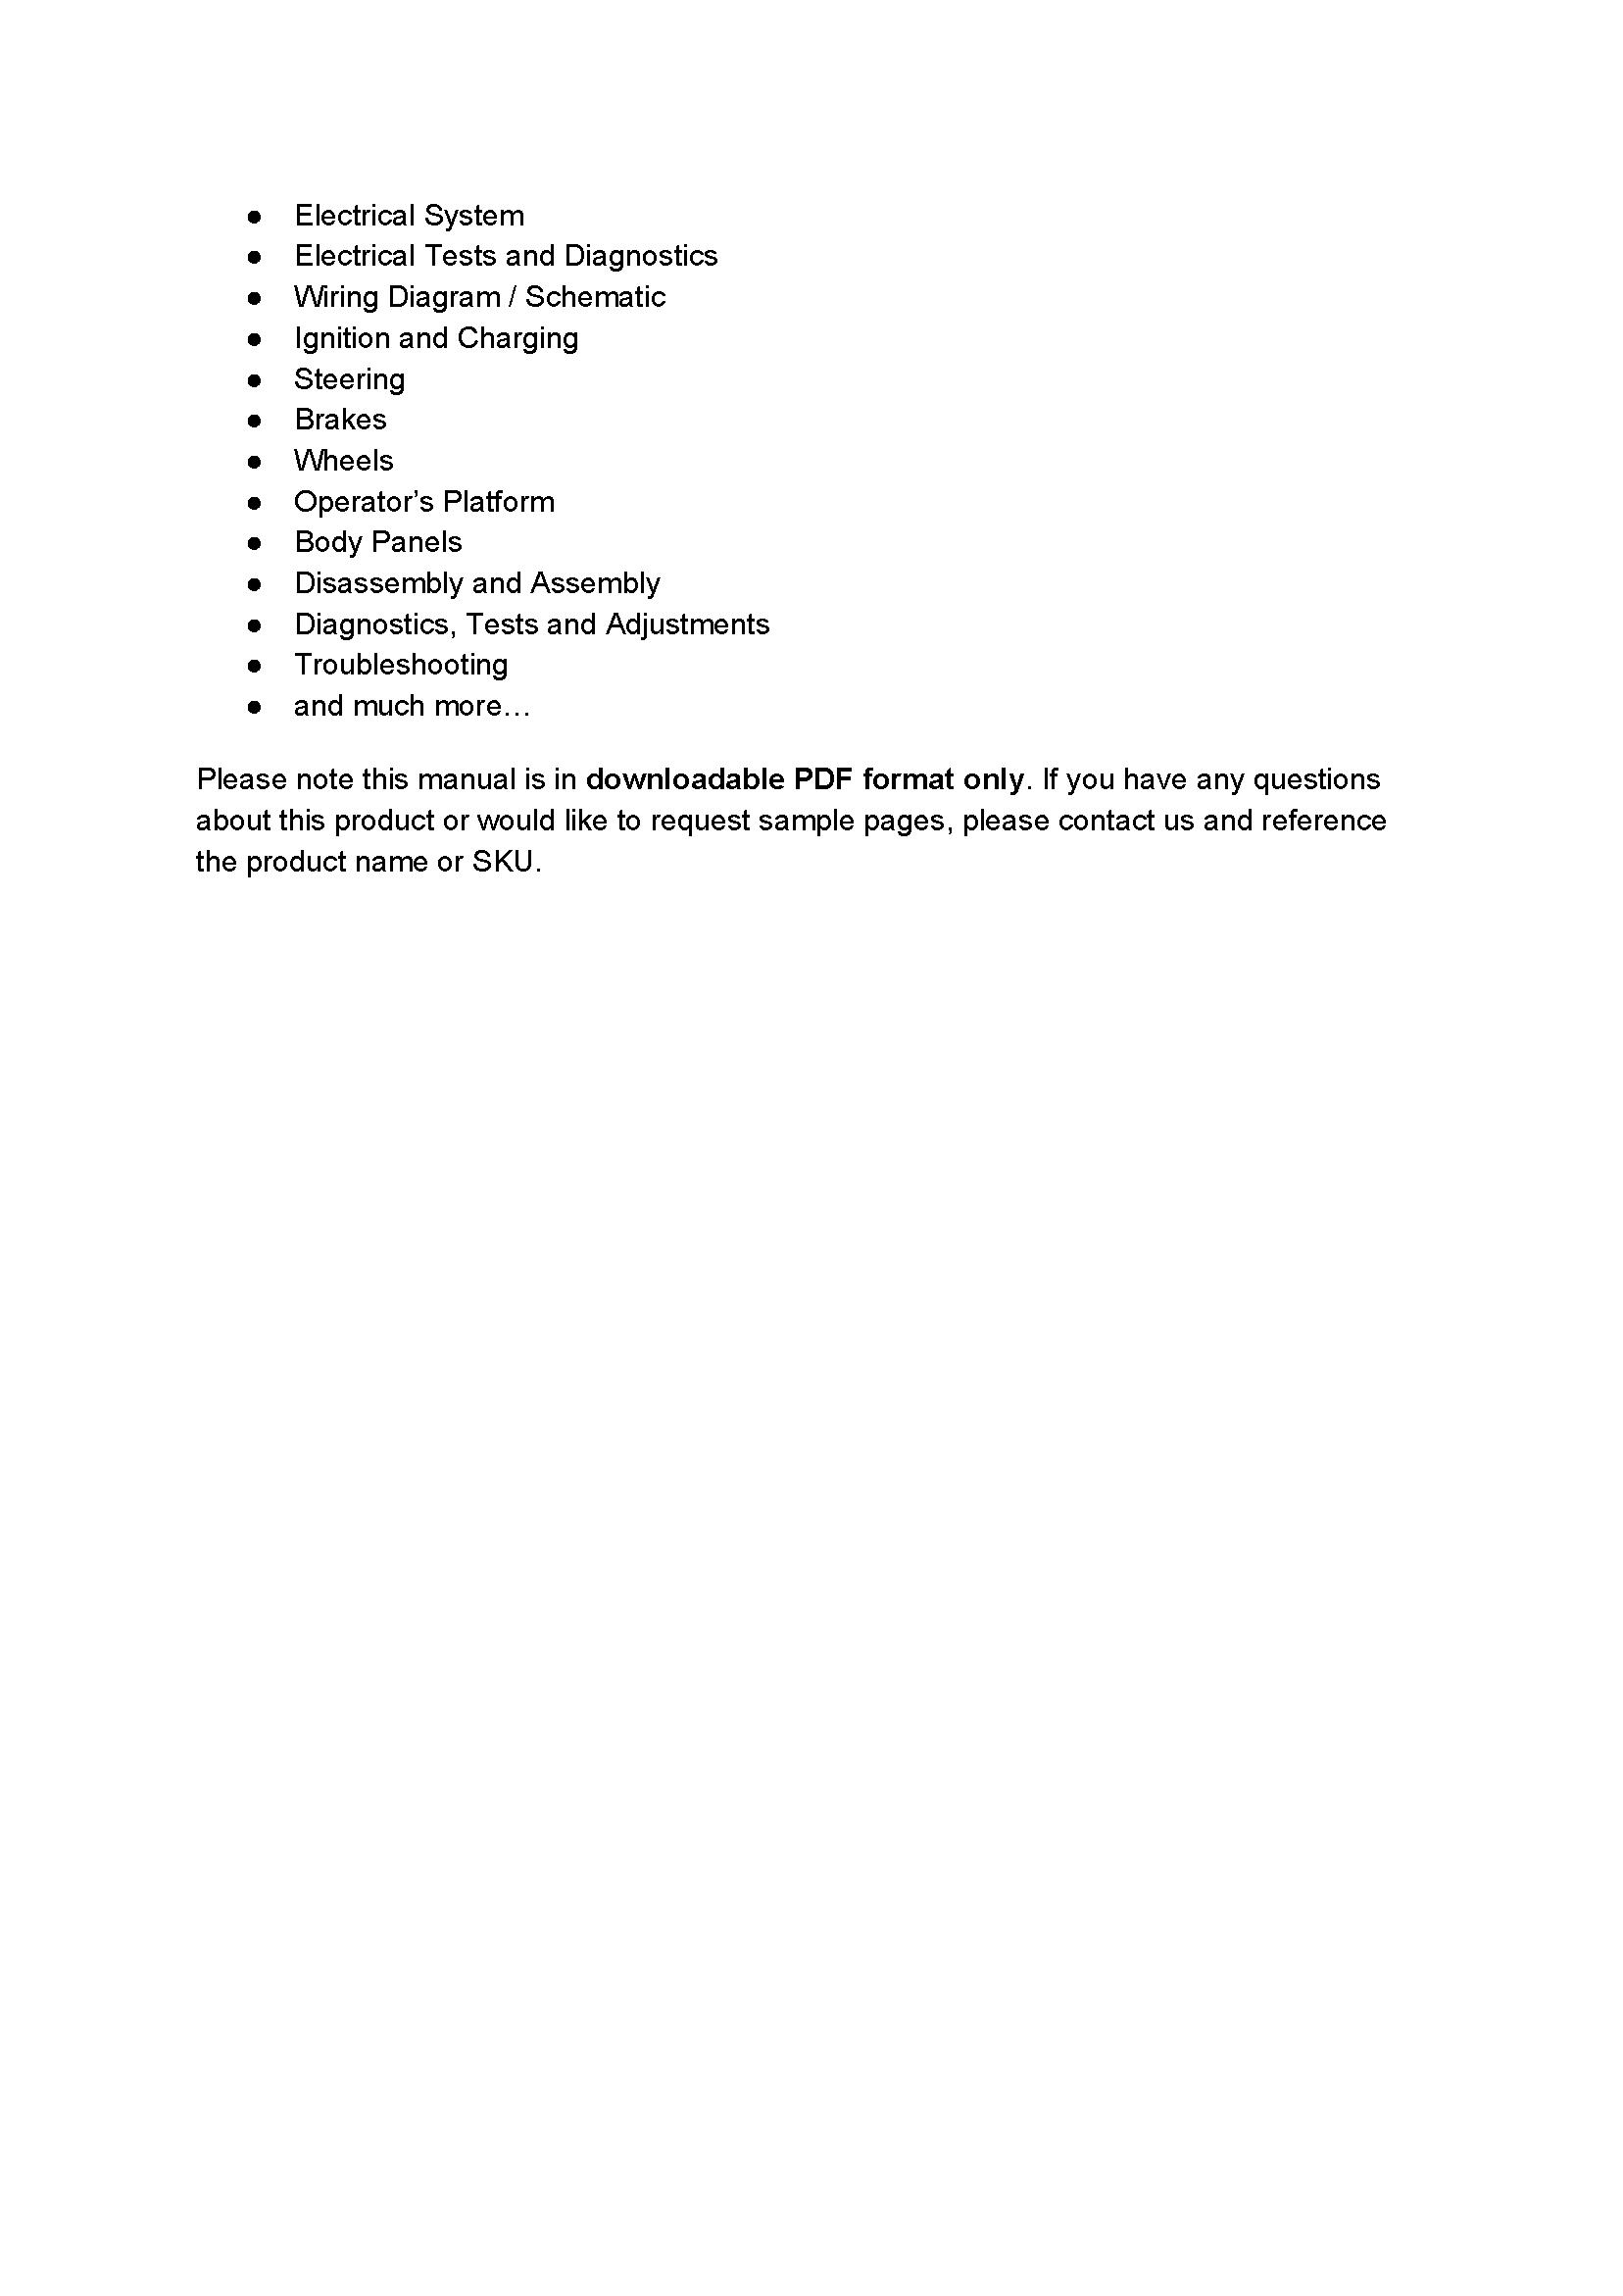 John Deere 320D manual